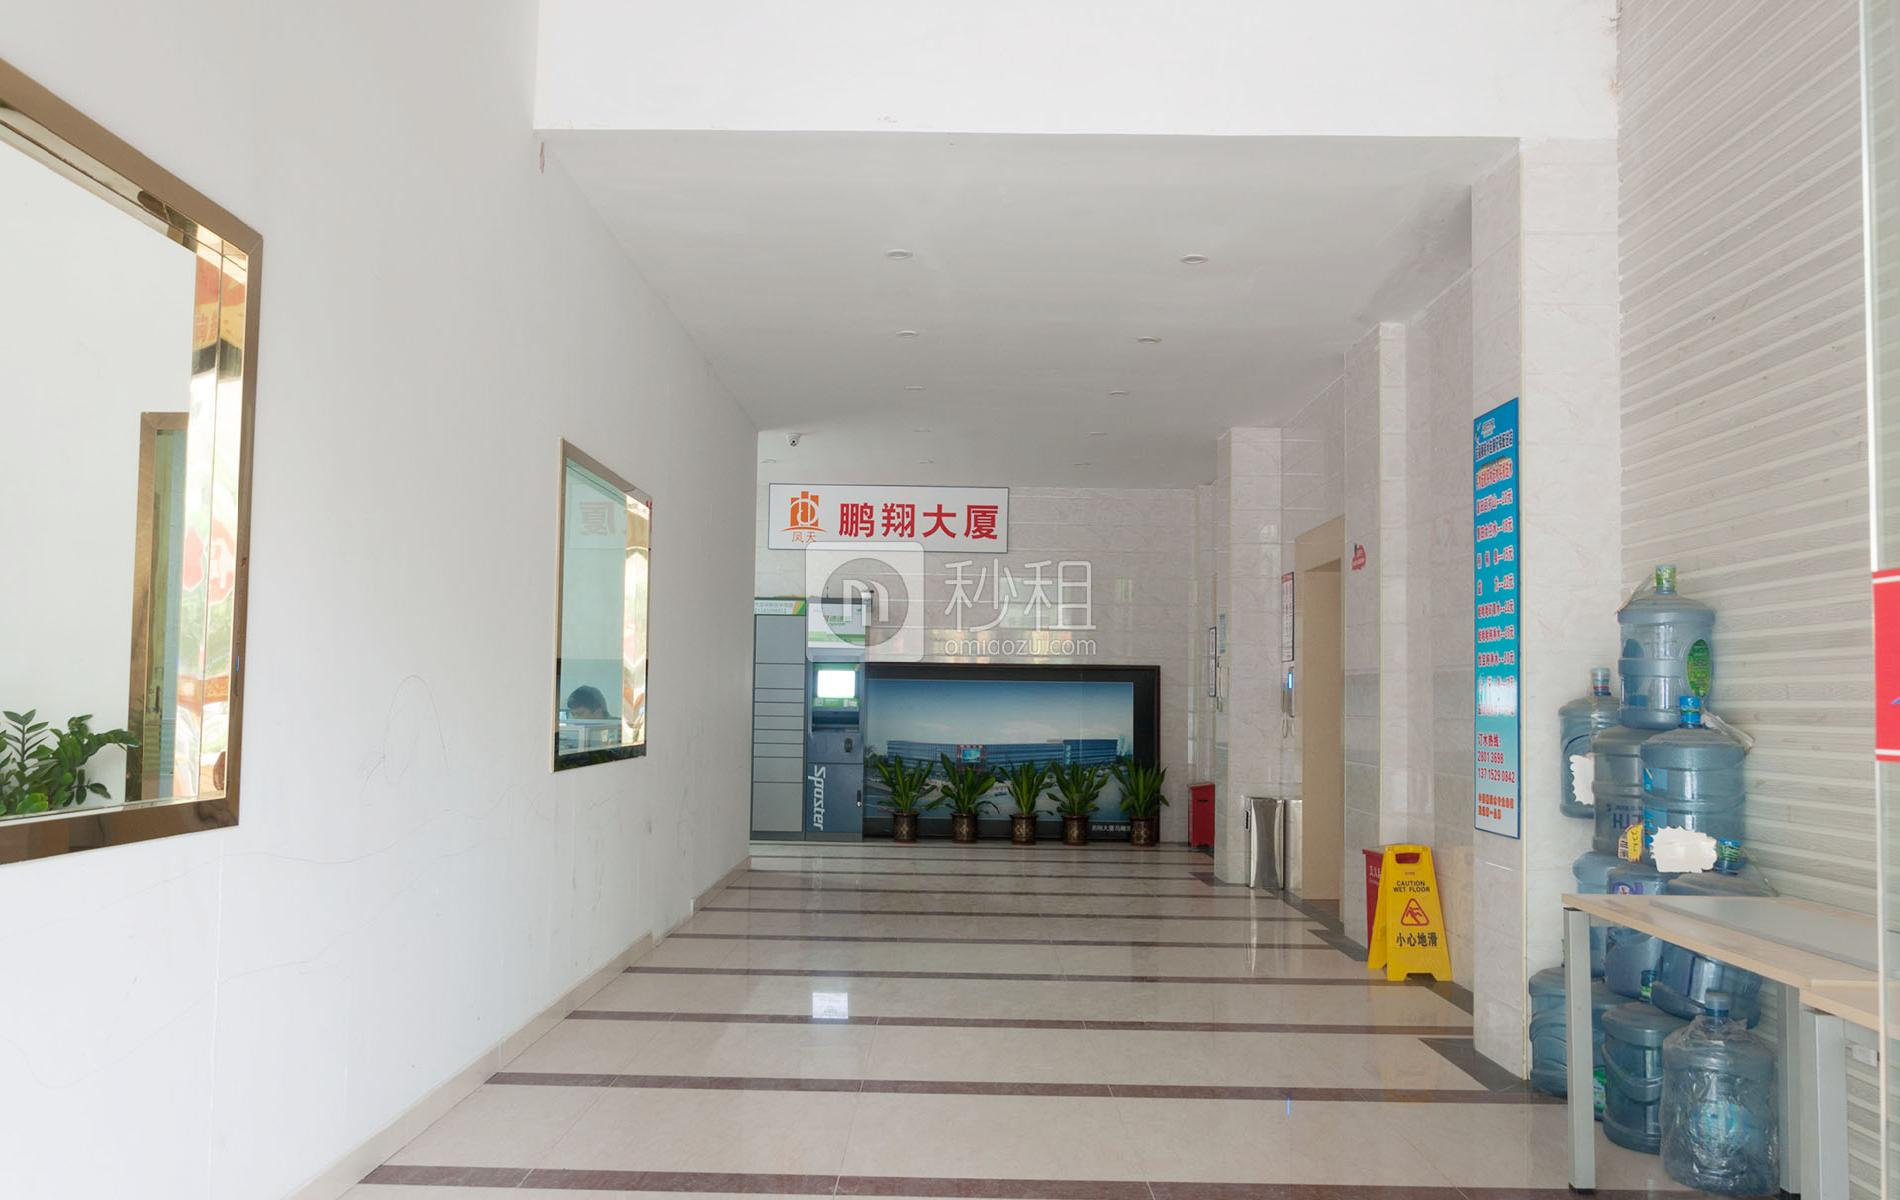 鹏翔大厦写字楼出租/招租/租赁,鹏翔大厦办公室出租/招租/租赁